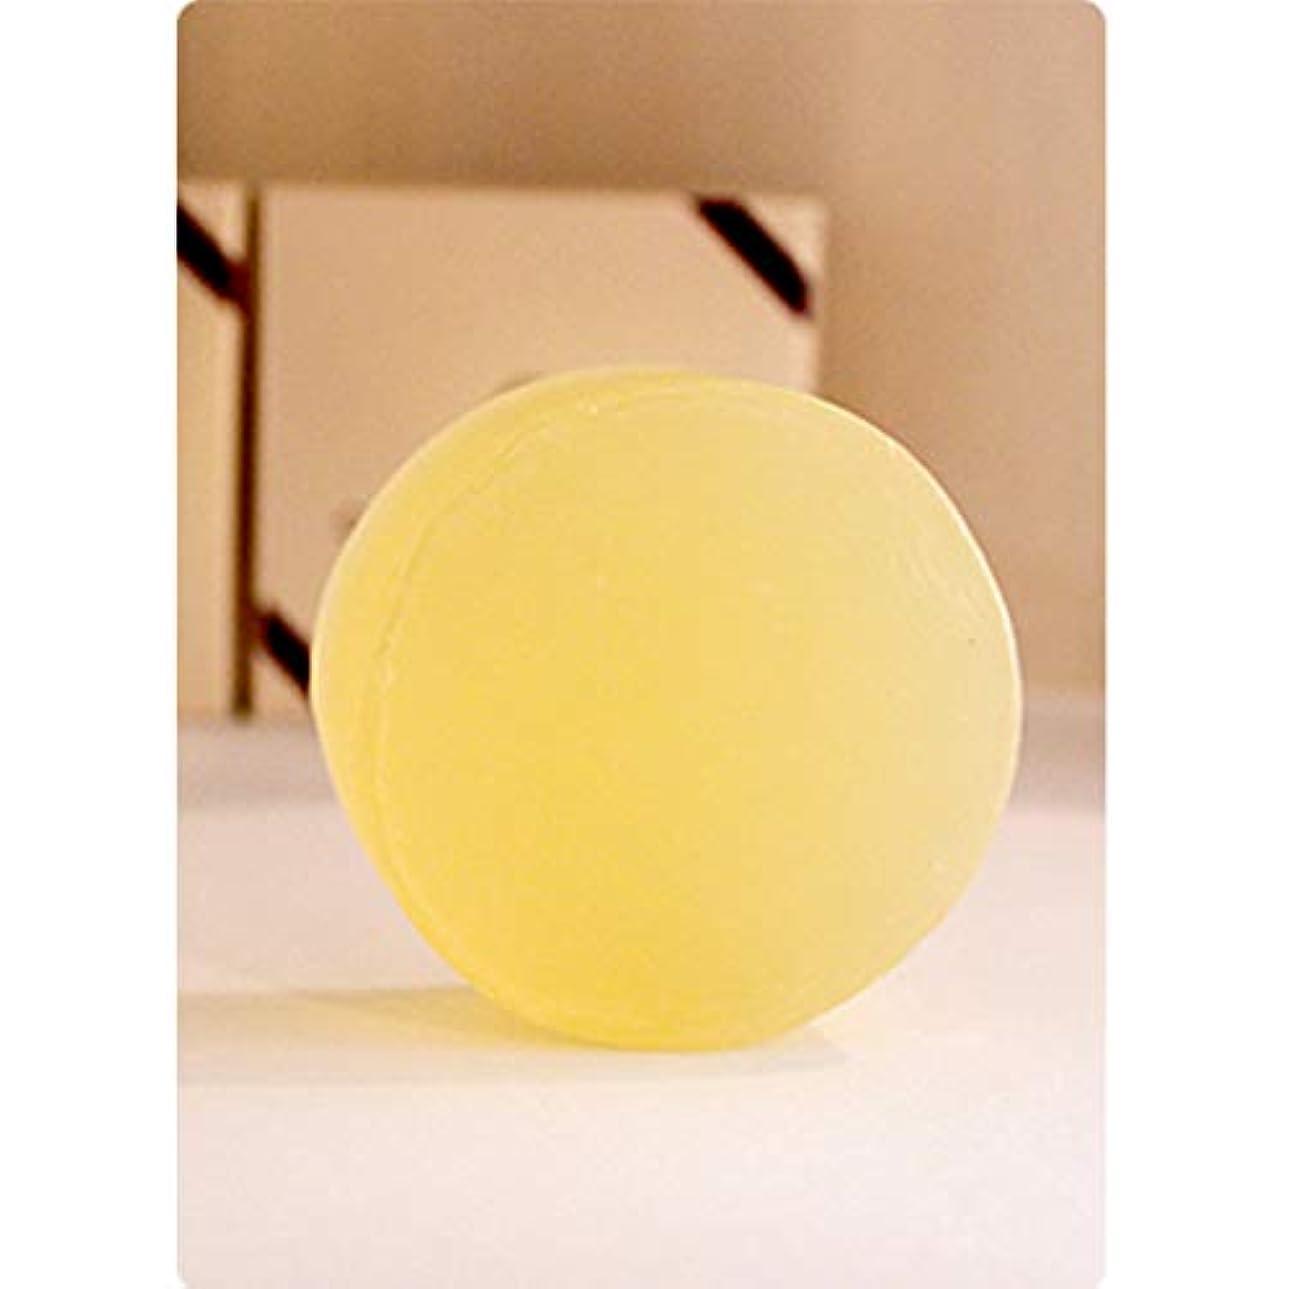 鋸歯状シールたるみコラーゲンアロマソープ 80g×3本 香りよく一日の疲れを癒してくれるアロマ石鹸